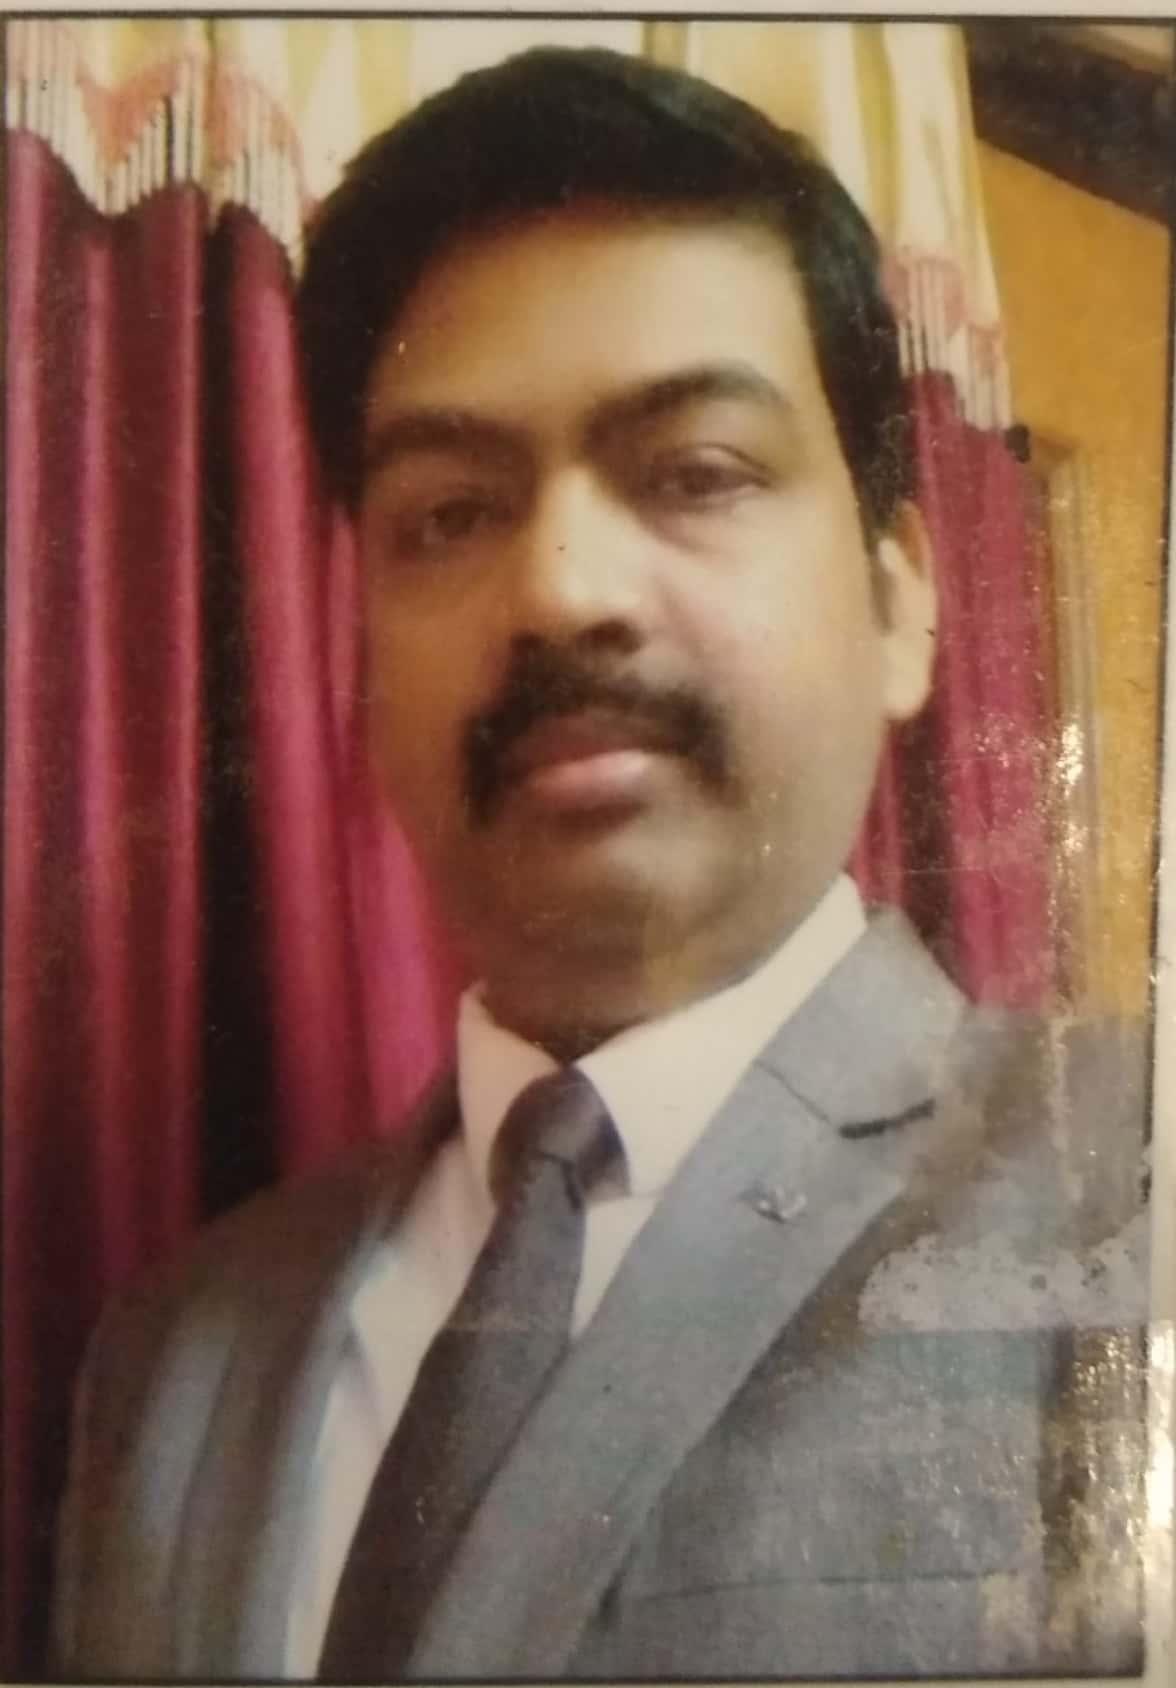 Dr. Sachin Srivastava